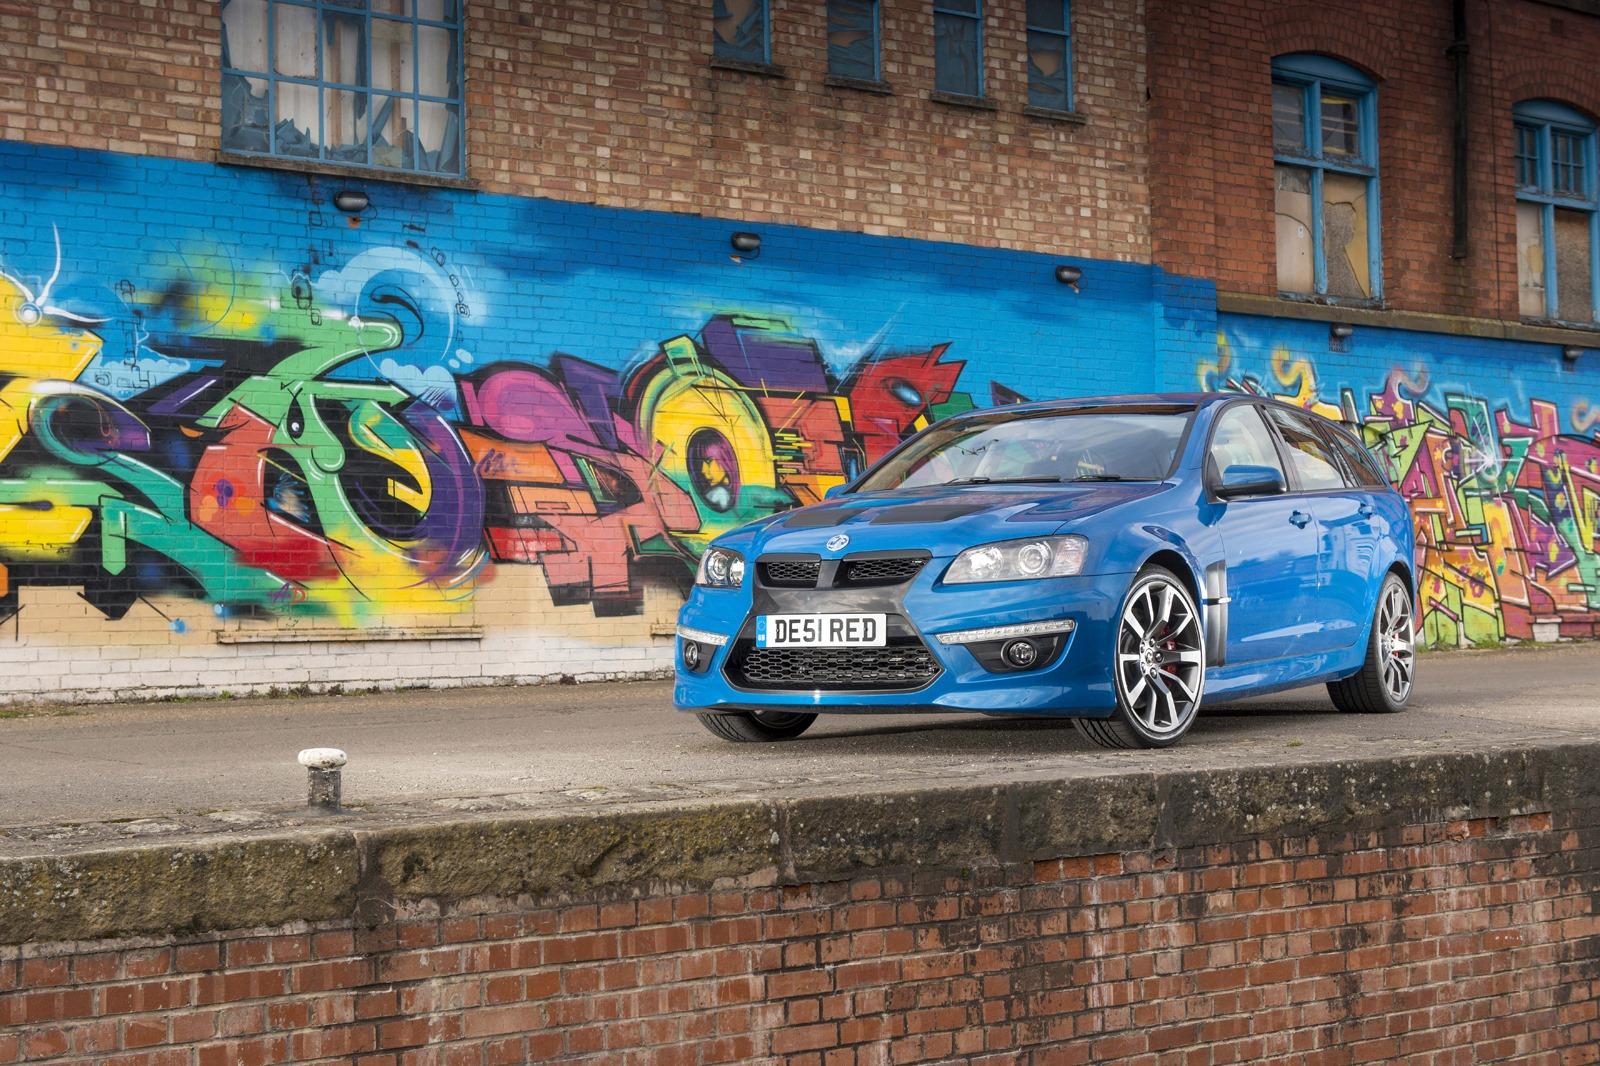 Vauxhall vauxhall vxr8 estate : Vauxhall VXR8 Tourer Official Pictures - autoevolution